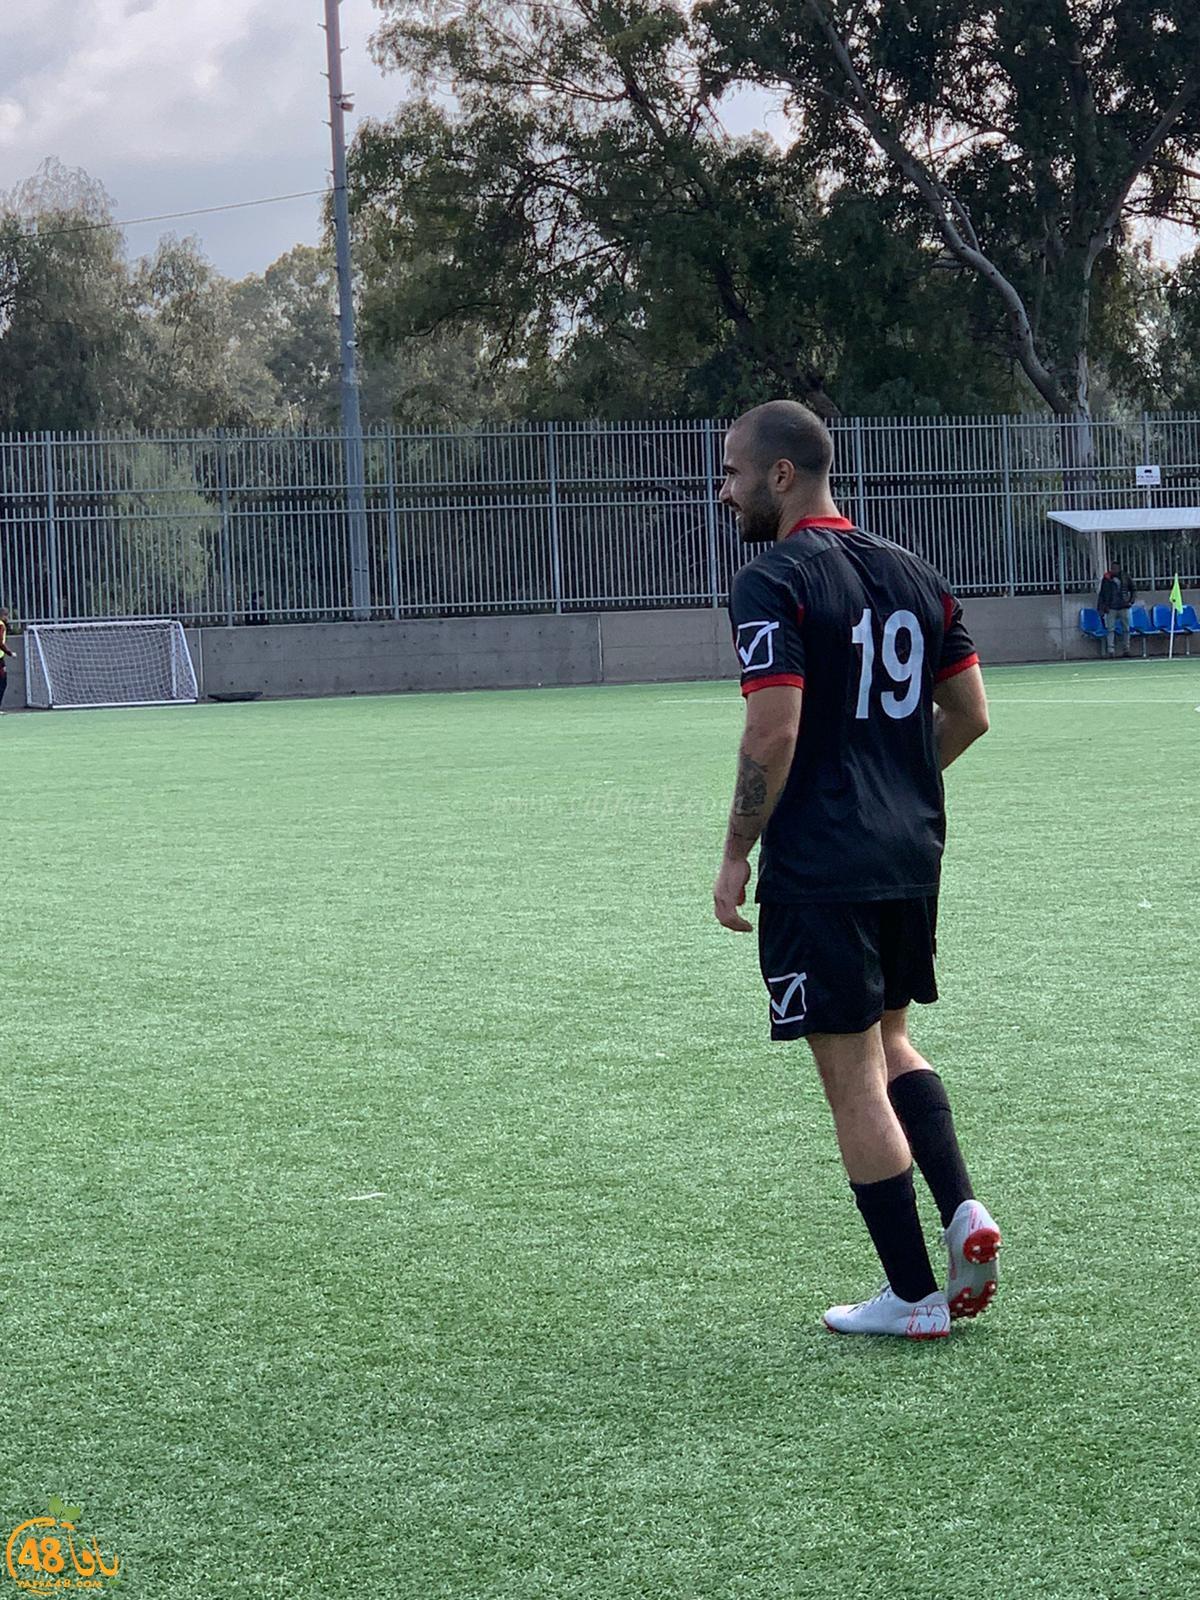 فوز كبير لفريق أبناء يافا على بيتار تكفا بنتيجة 4-1